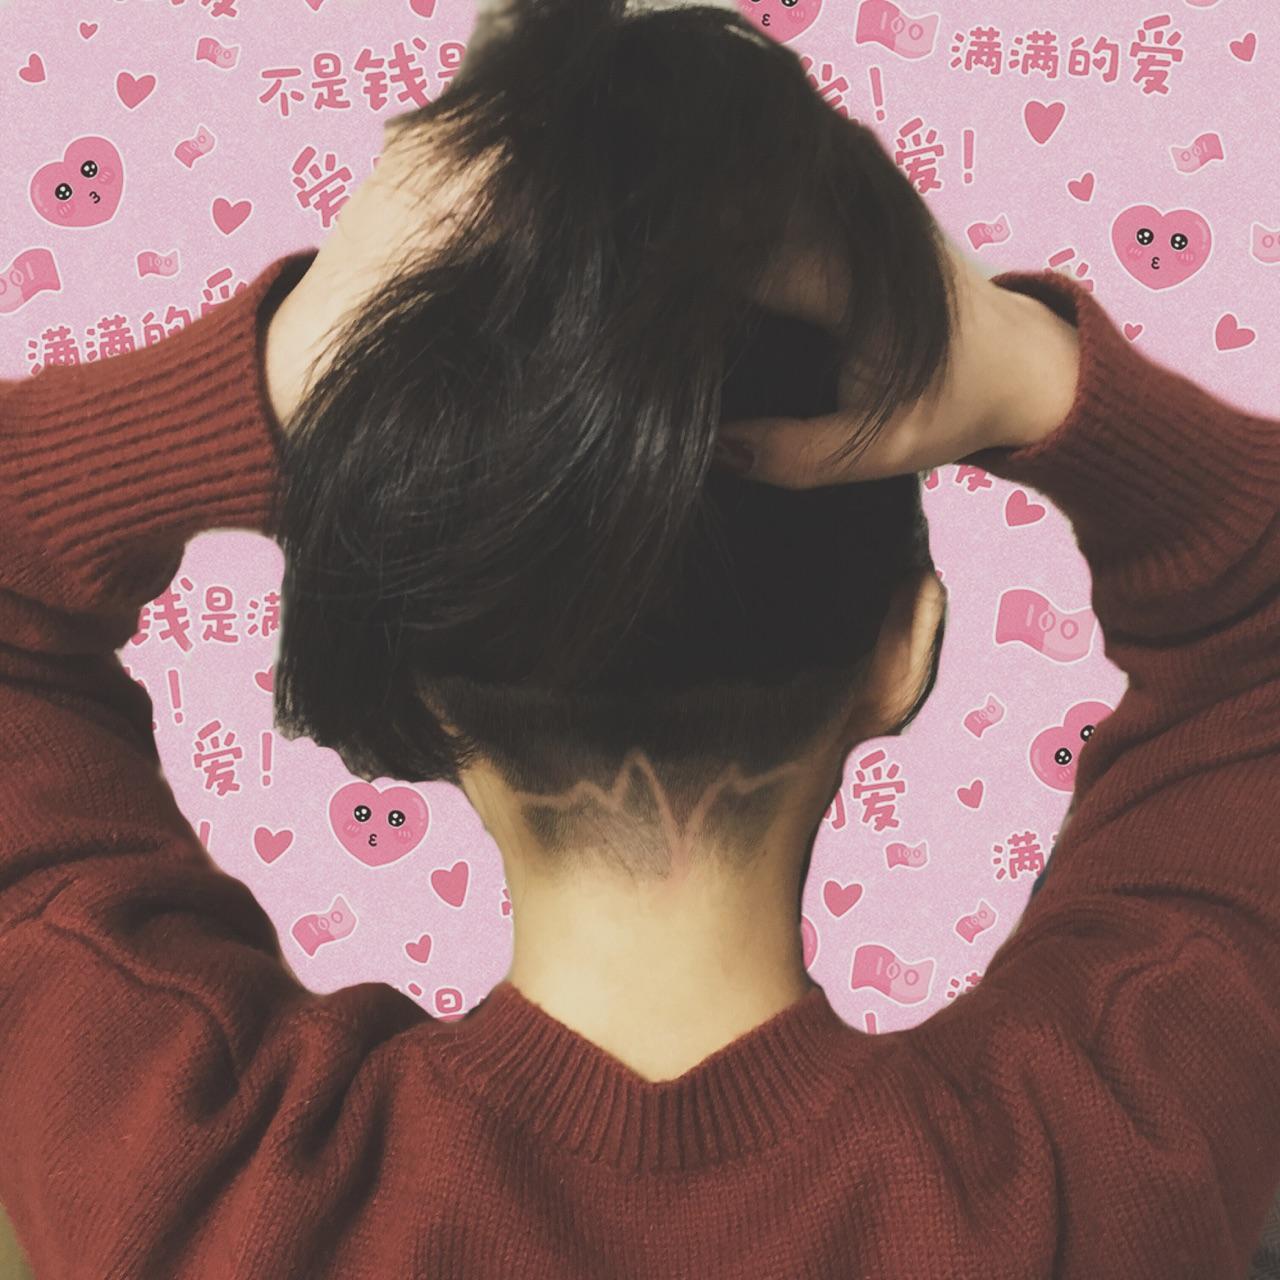 如何留长头发_女生如何优雅的将短发留长? - 知乎